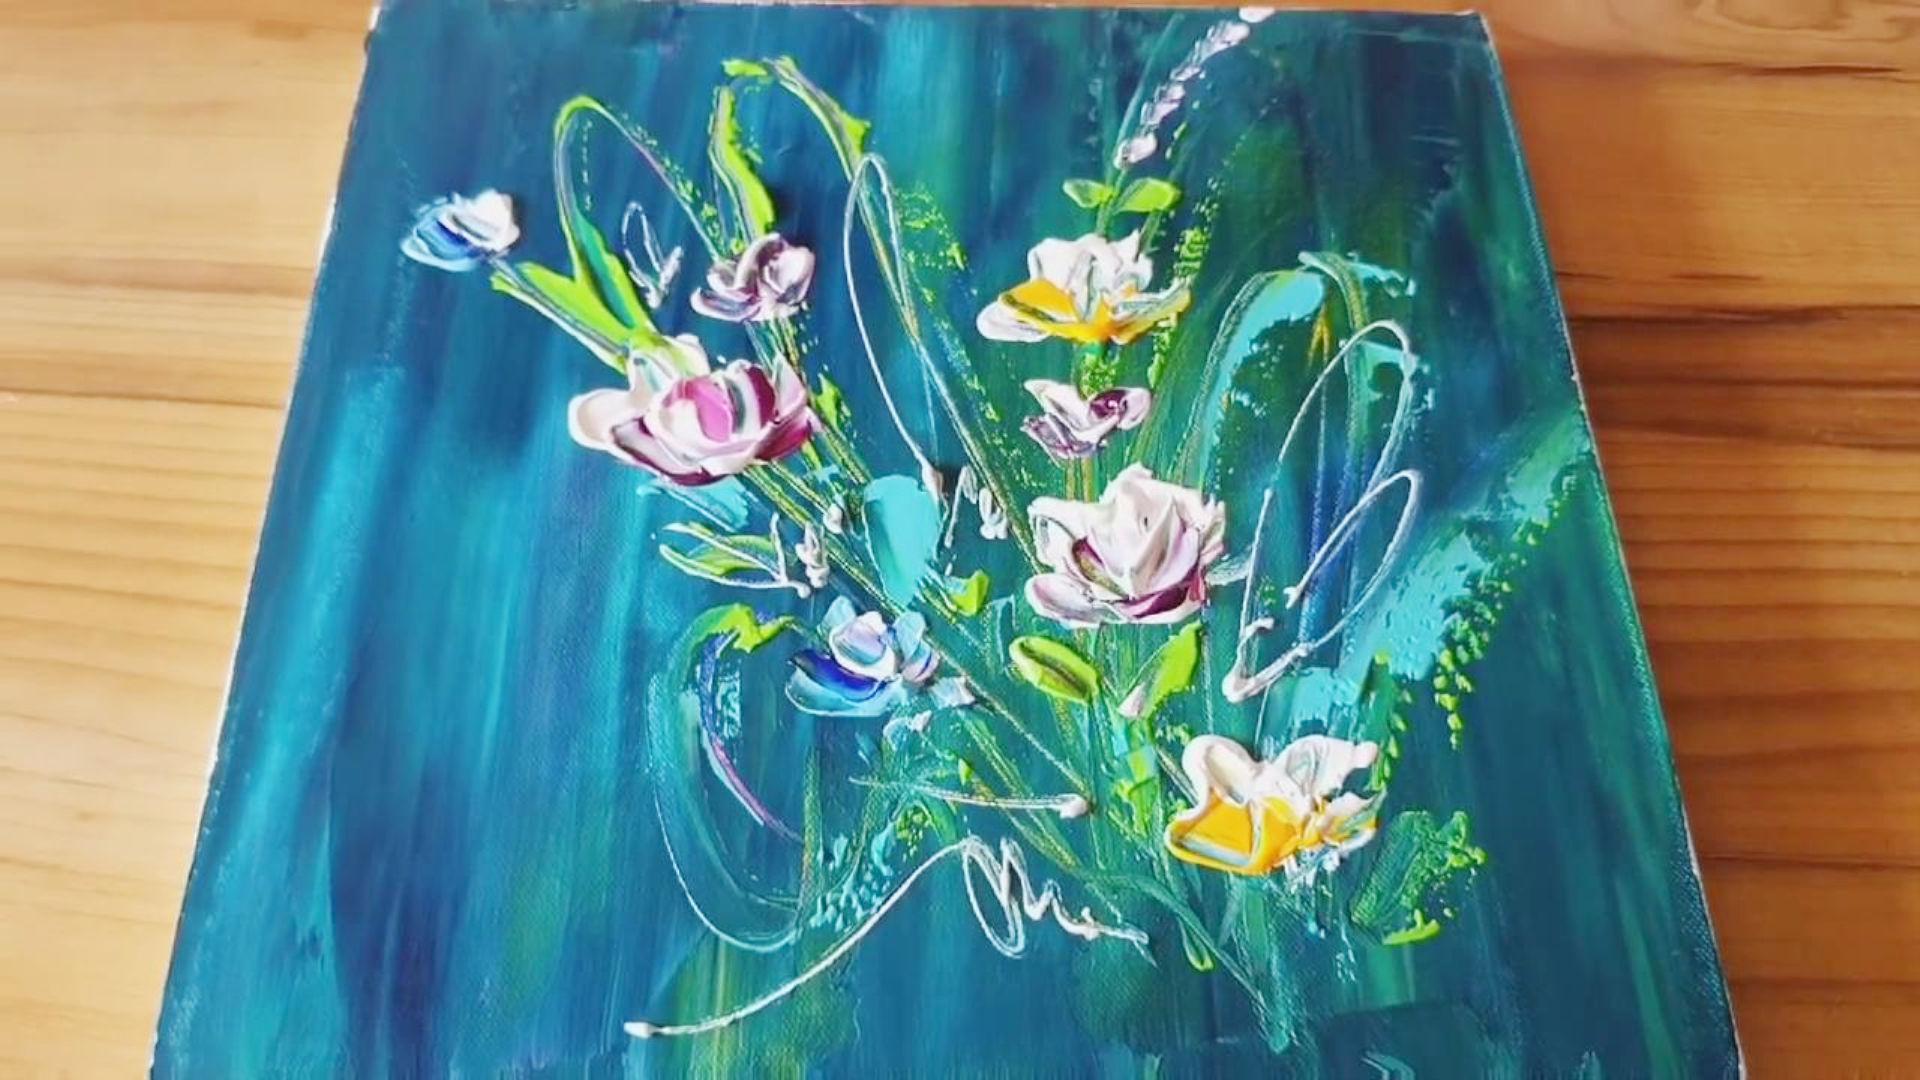 手工绘画教程,月季花的绘制方法,非常漂亮!